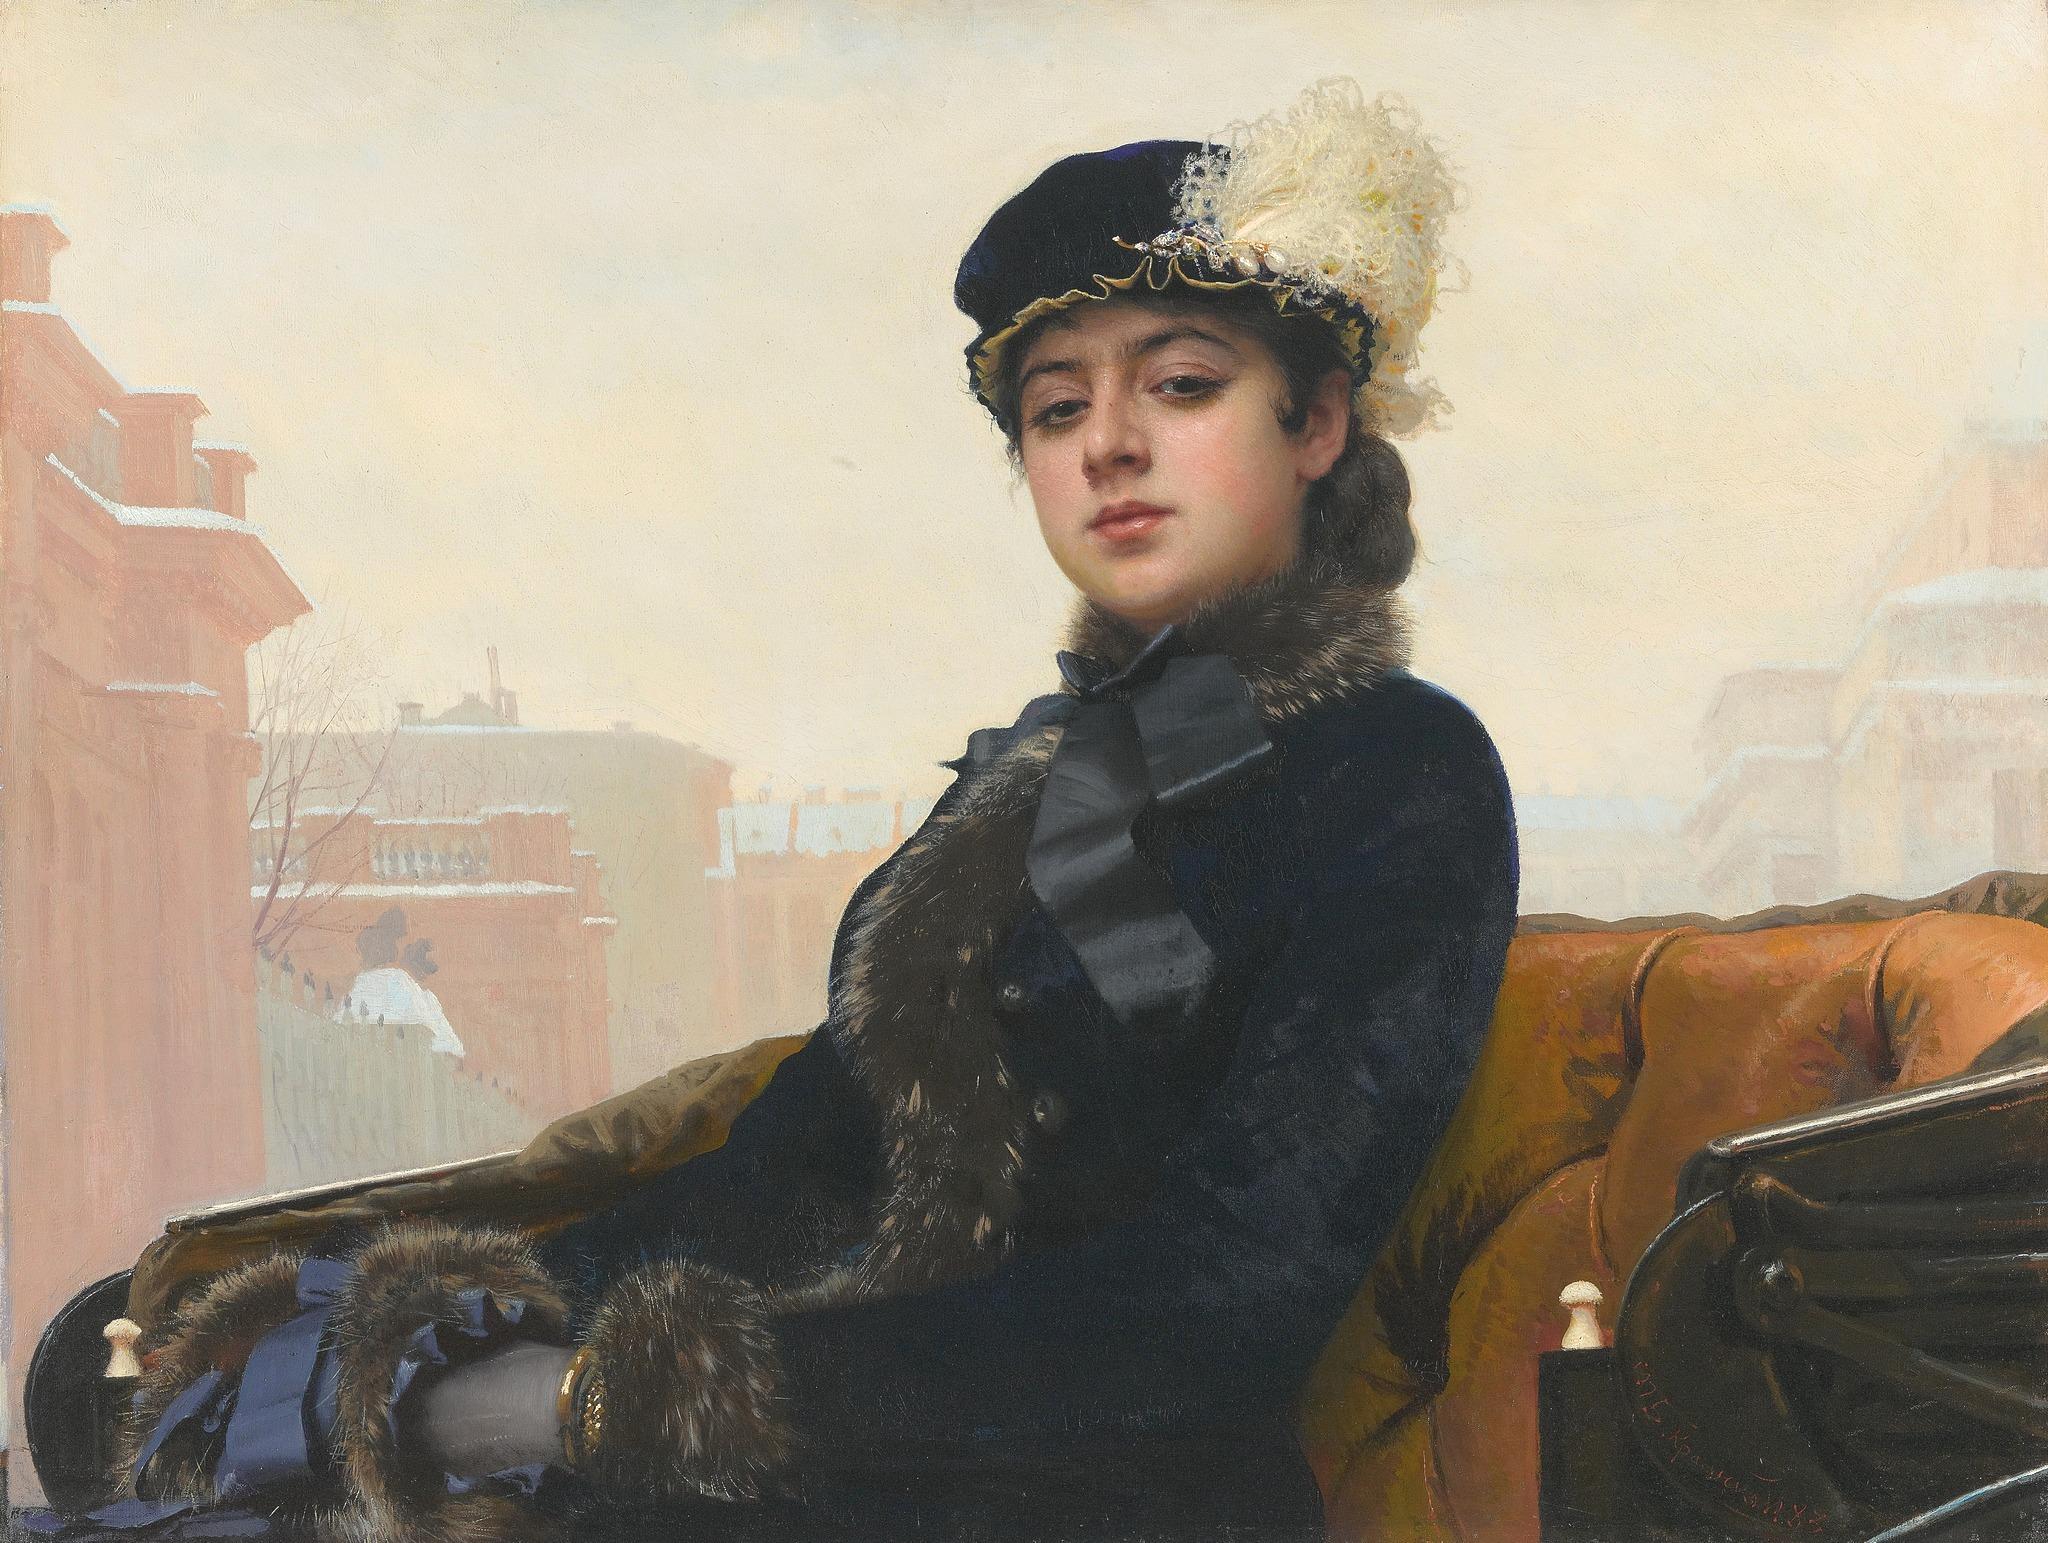 """Ivan Kramskojs """"Porträtt av en okänd kvinna"""" (1883) är en av Rysslands mest kända konstverk. När målningen först avtäcktes blev en del kritiker indignerade och fördömde vad de såg som ett porträtt av en högfärdig och omoralisk kvinna. Någon grund för sina känslor hade de inte, eftersom hon var just okänd. Bilden har flera gånger används som omslagsbild på olika utgåvor av Leo Tolstoys """"Anna Karenina""""."""